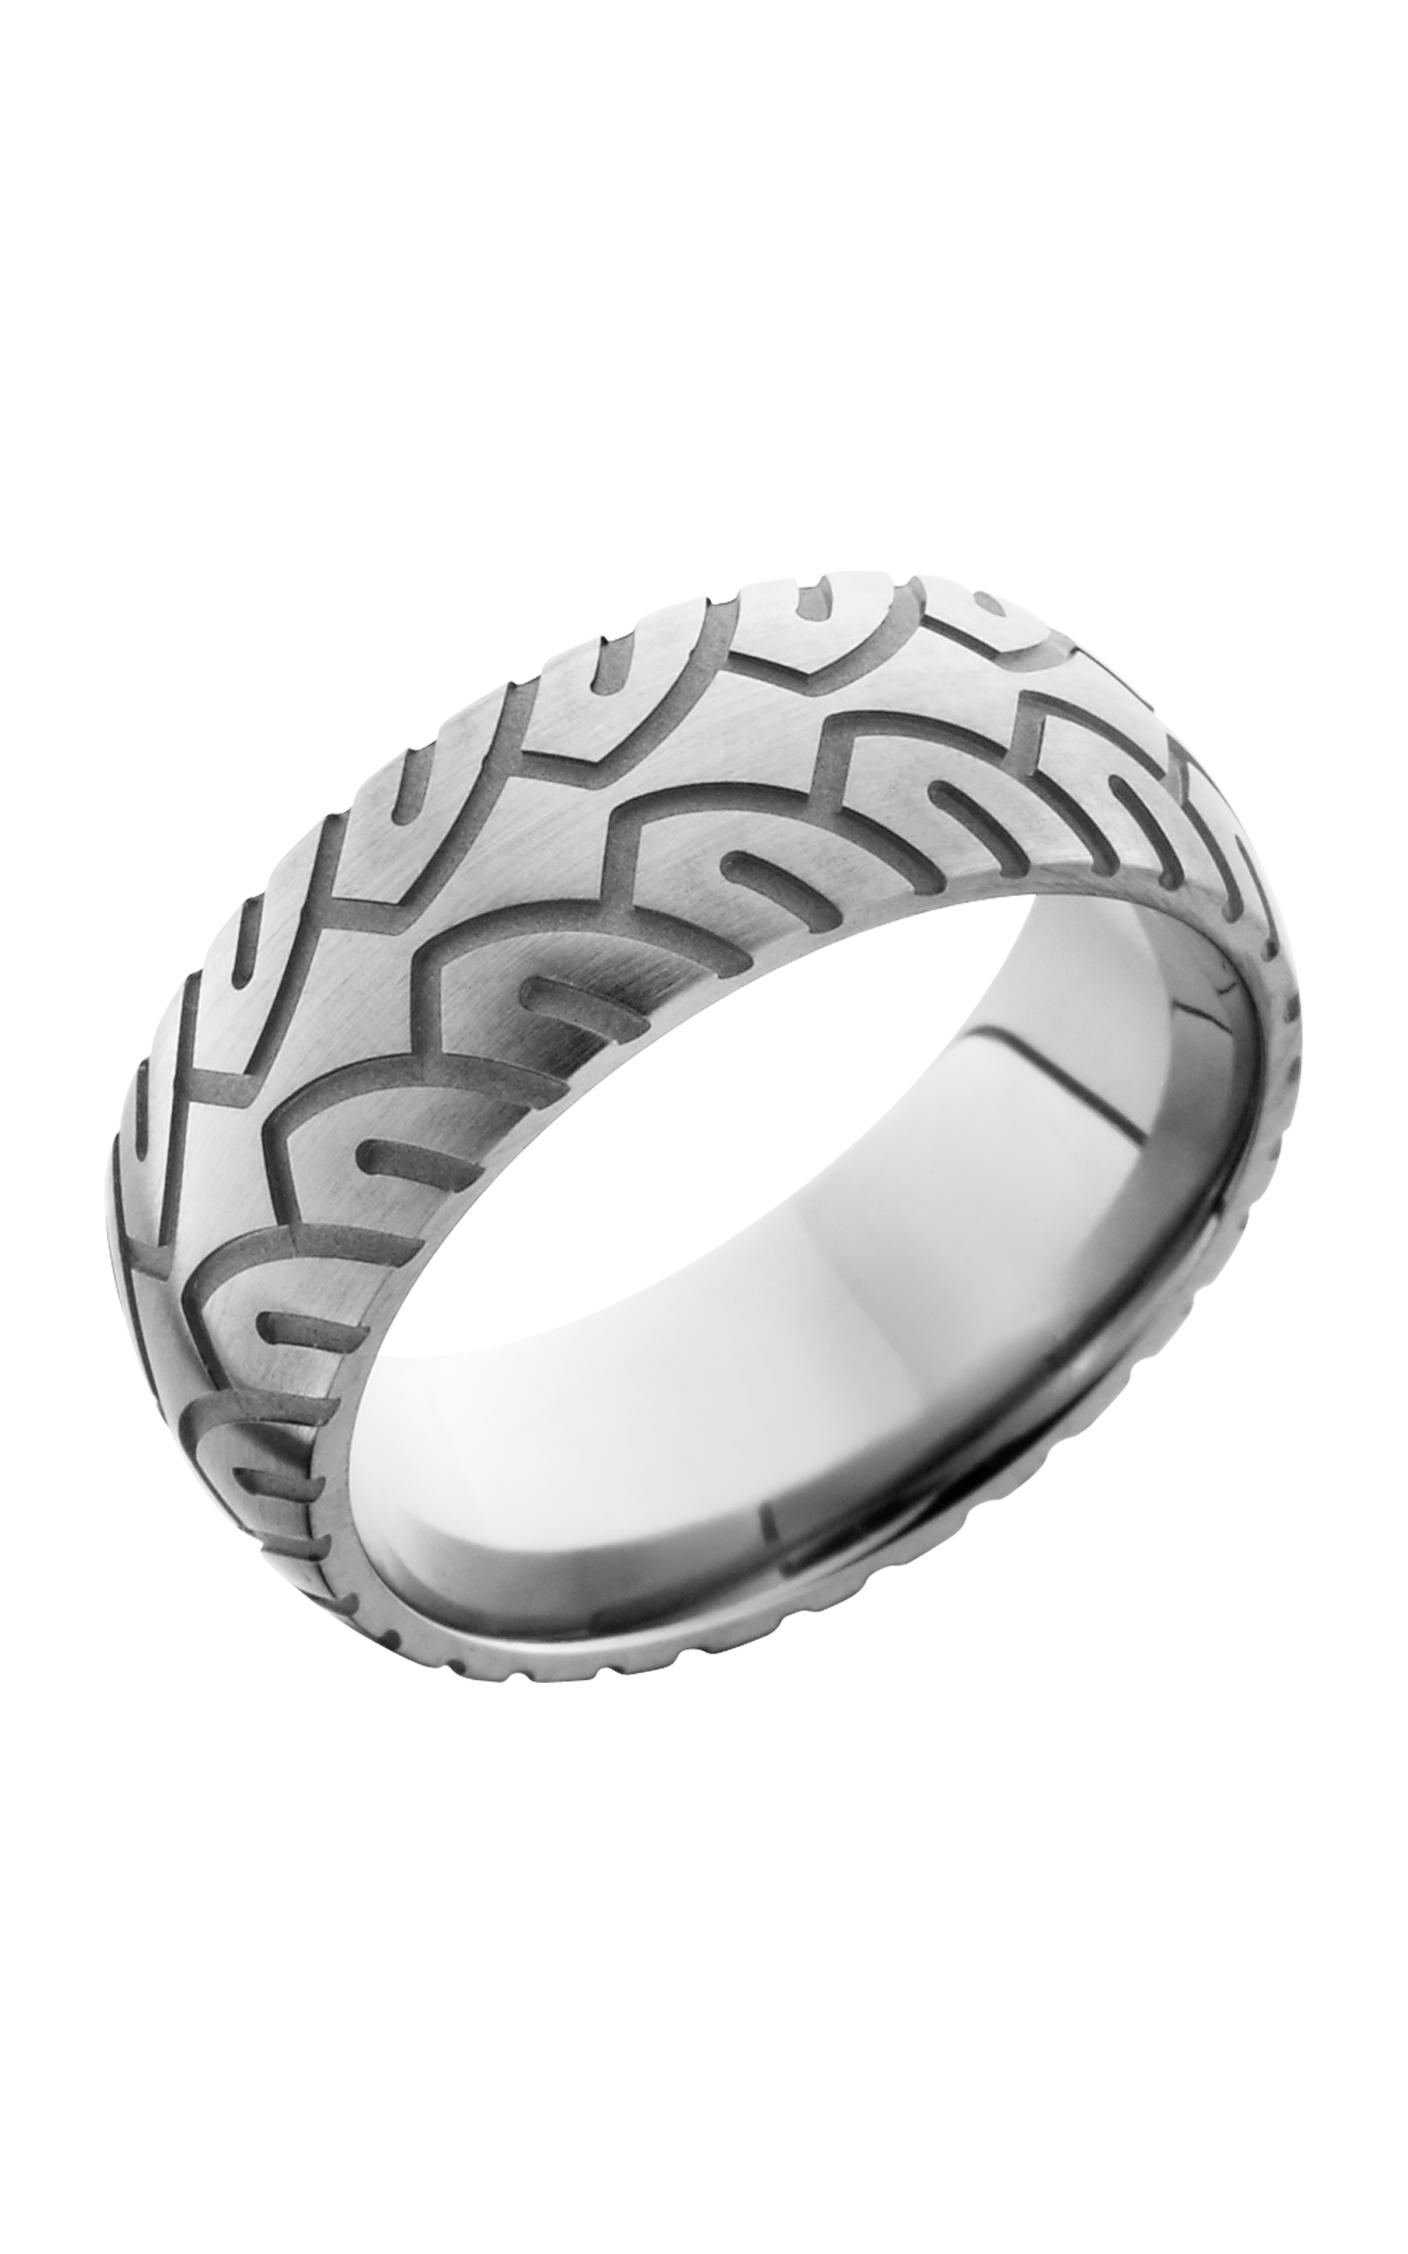 Lashbrook Titanium 8DCYCLE product image